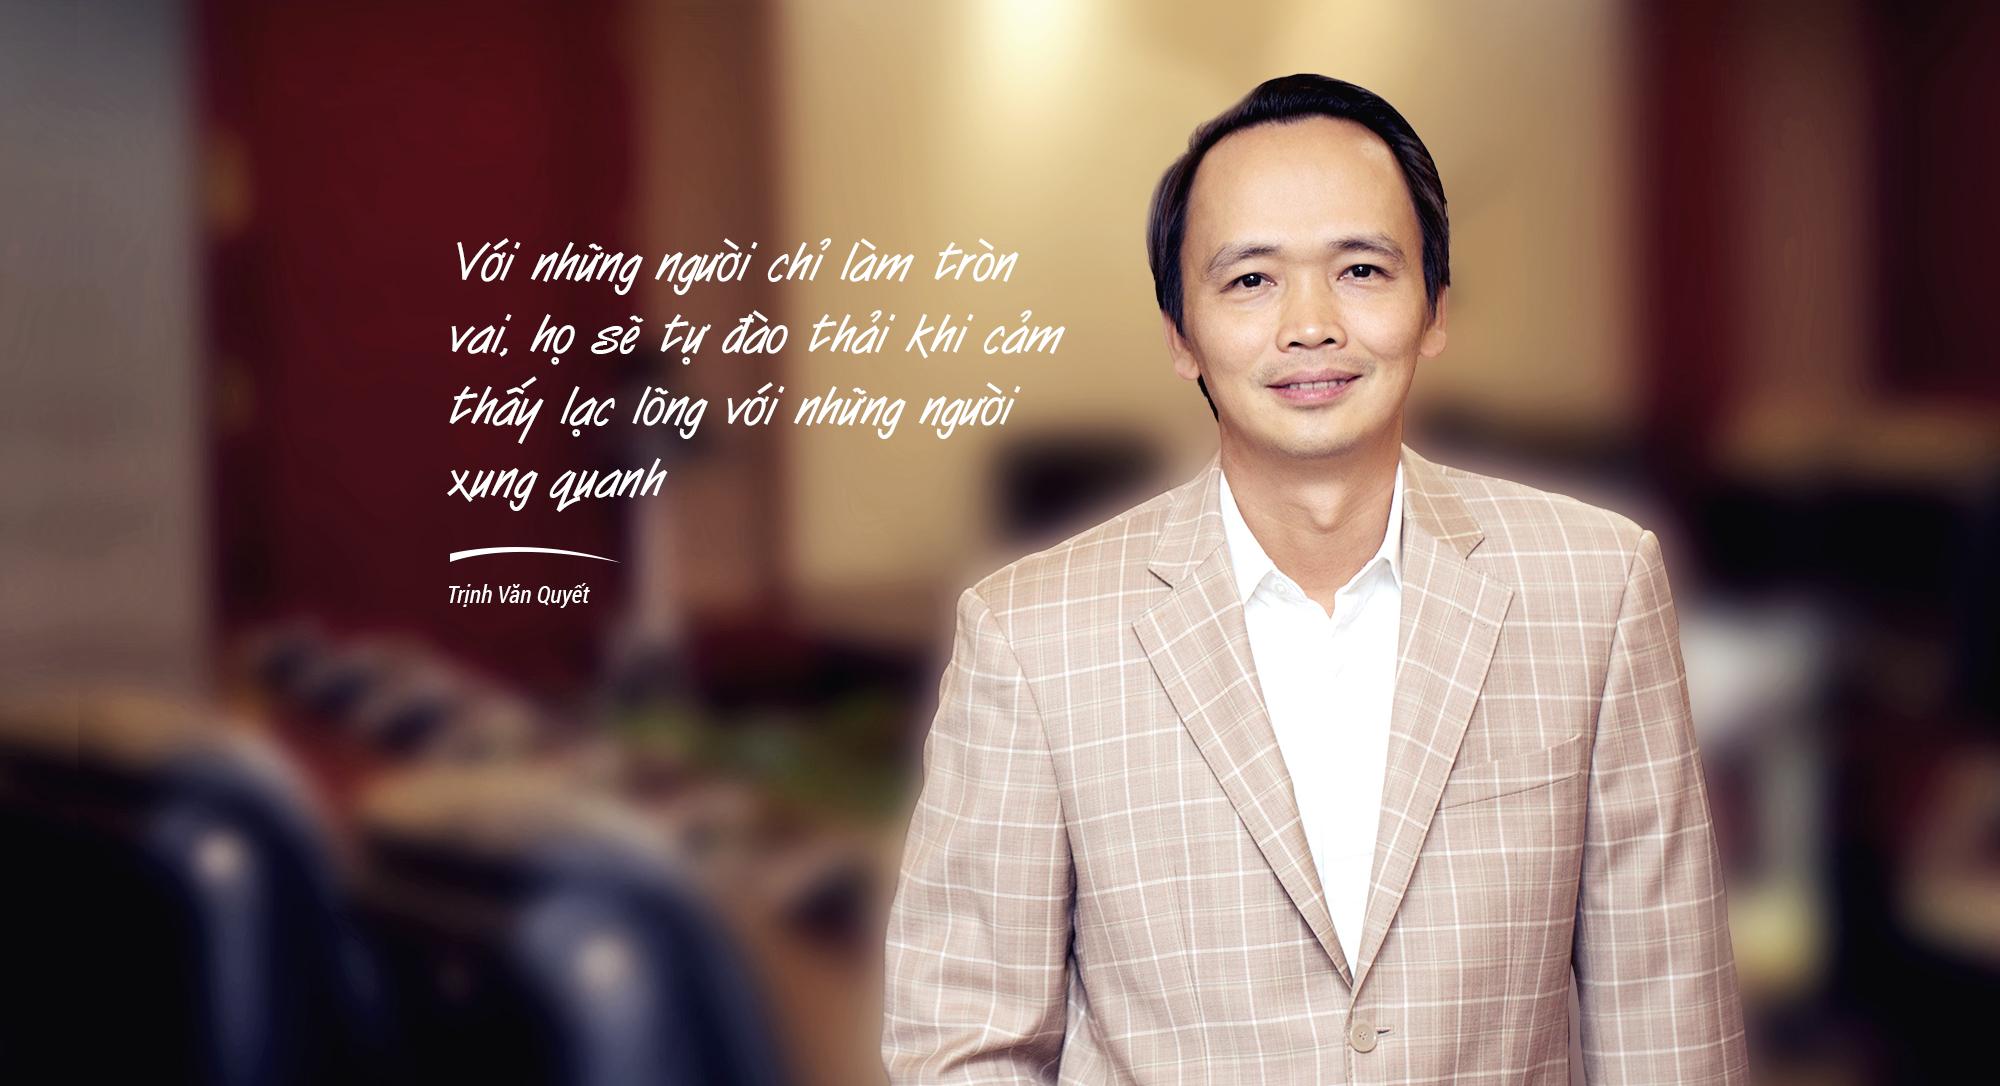 5 không trong kinh doanh bất động sản của ông Trịnh Văn Quyết - Ảnh 7.